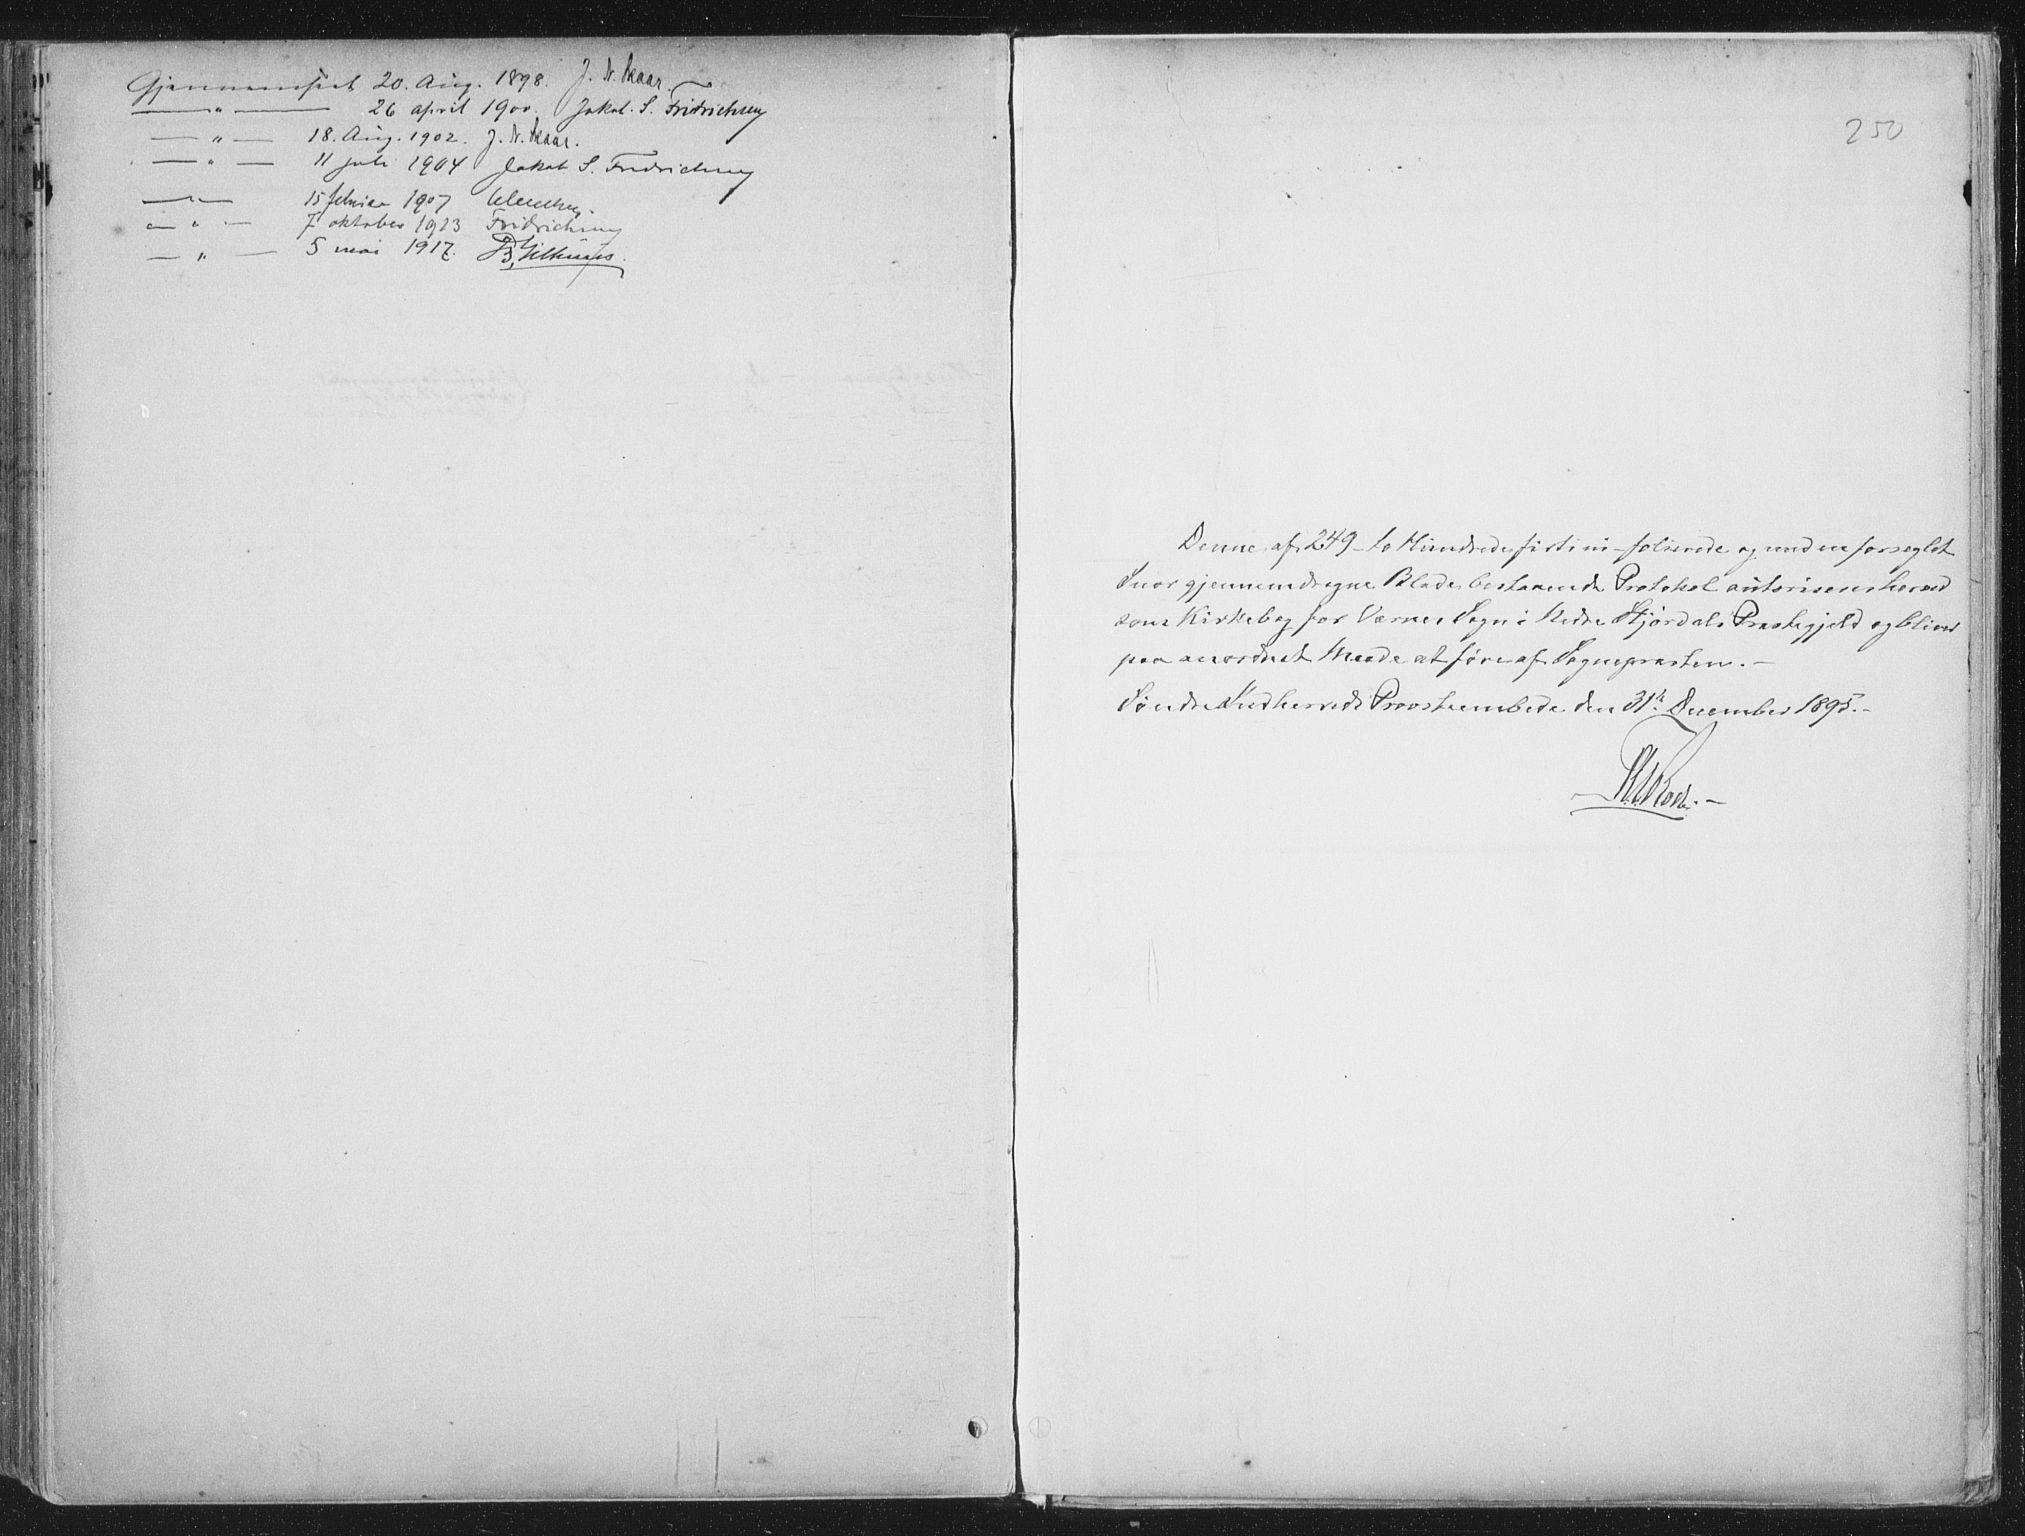 SAT, Ministerialprotokoller, klokkerbøker og fødselsregistre - Nord-Trøndelag, 709/L0082: Ministerialbok nr. 709A22, 1896-1916, s. 250